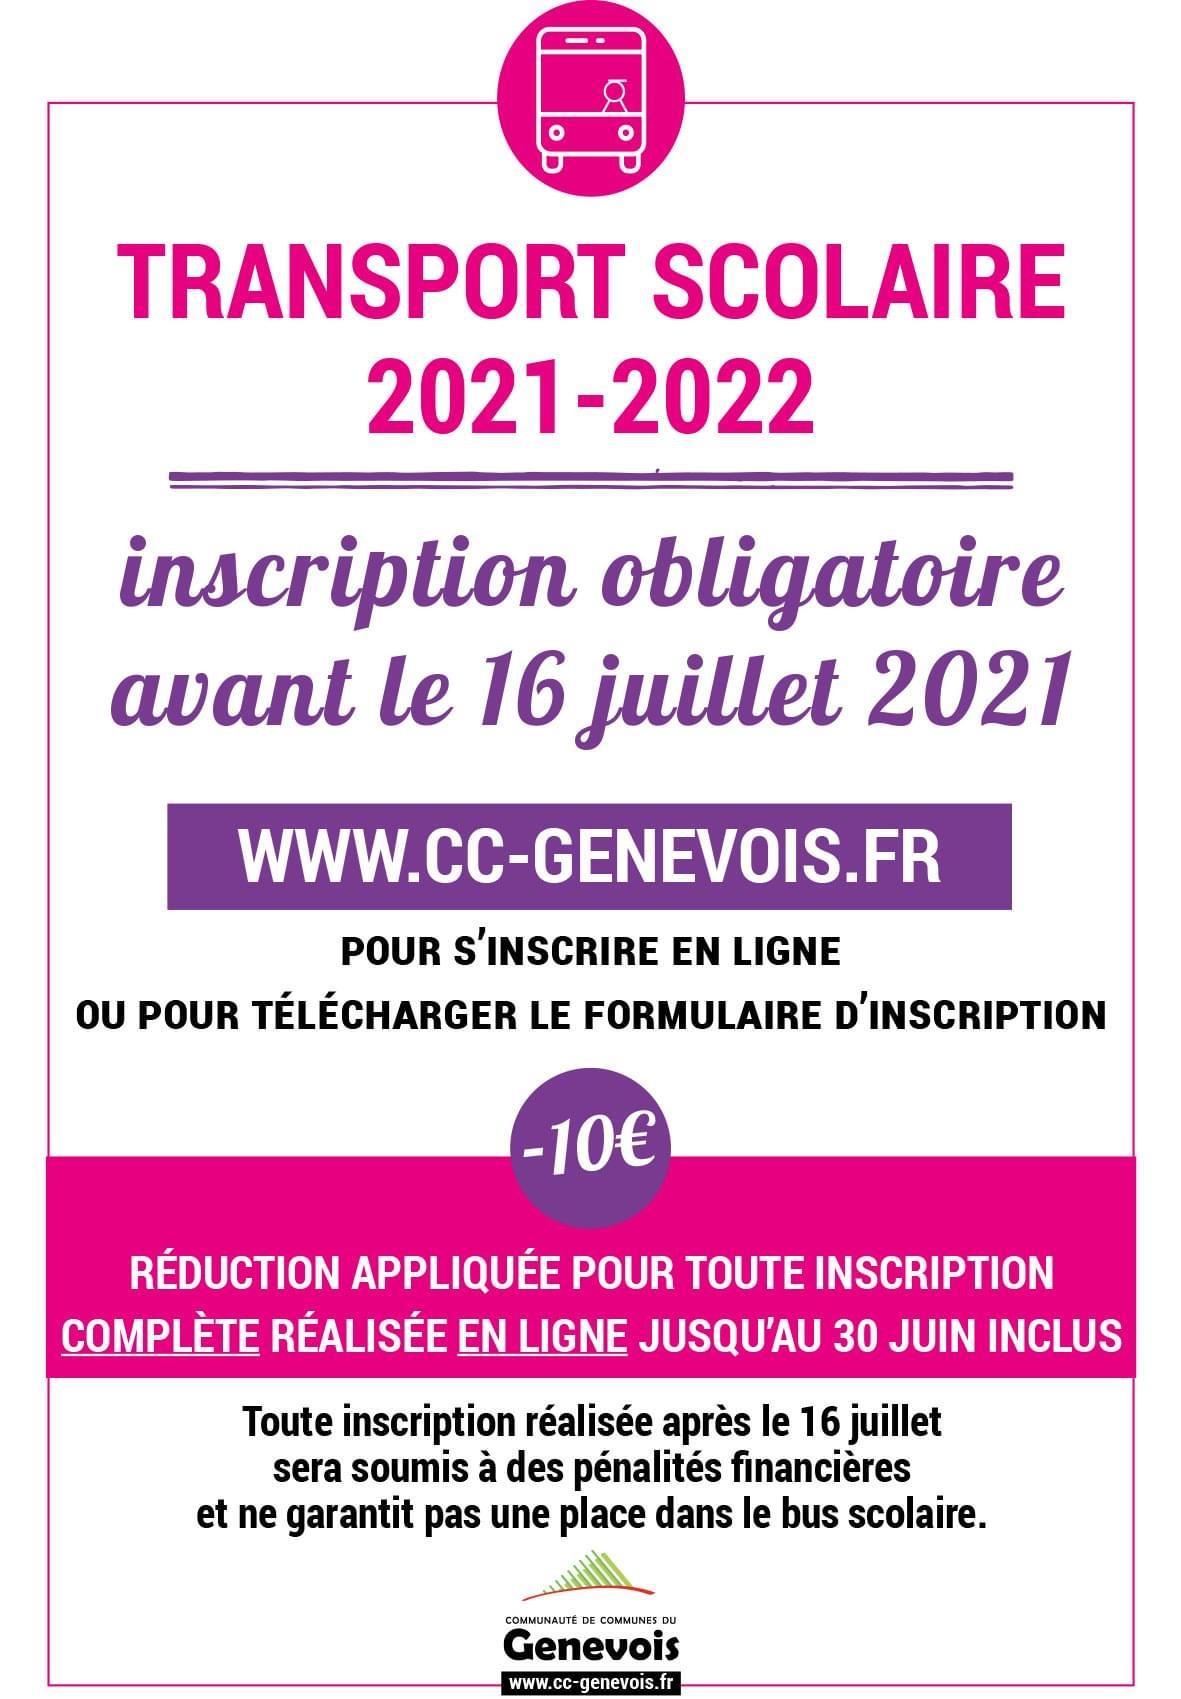 Image de couverture - Inscription au service de transport scolaire